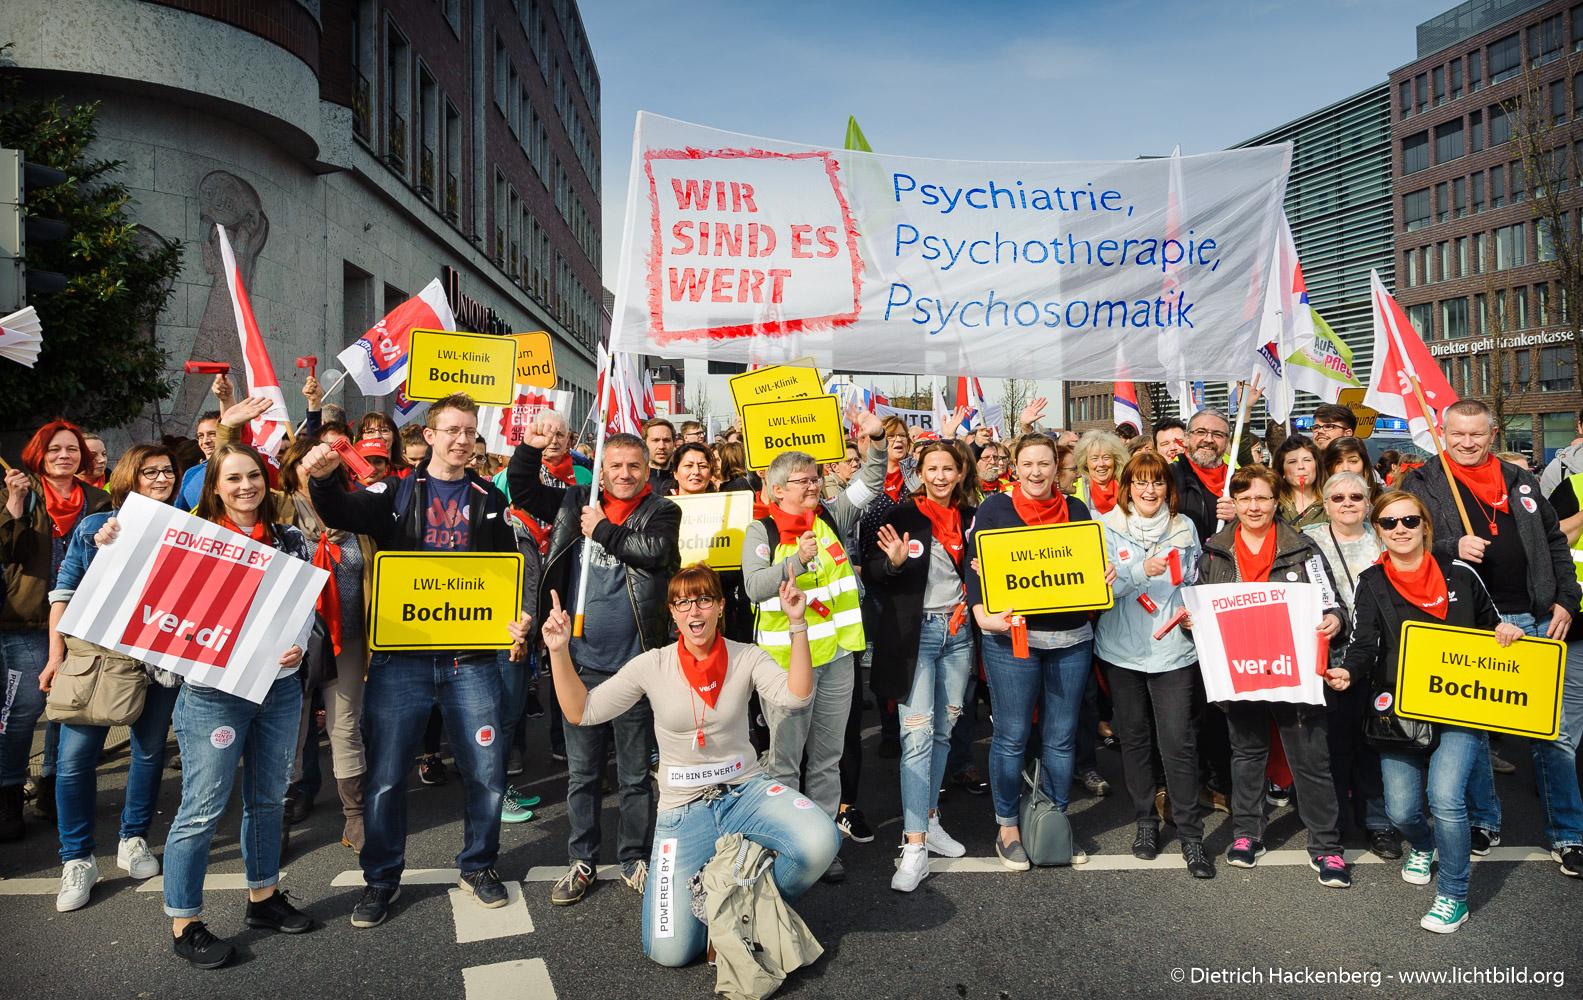 Streikende LWL Klinik Bochum. verdi Streikveranstaltung Öffentlicher Dienst, Dortmund am 10.04.2018. Foto Dietrich Hackenberg